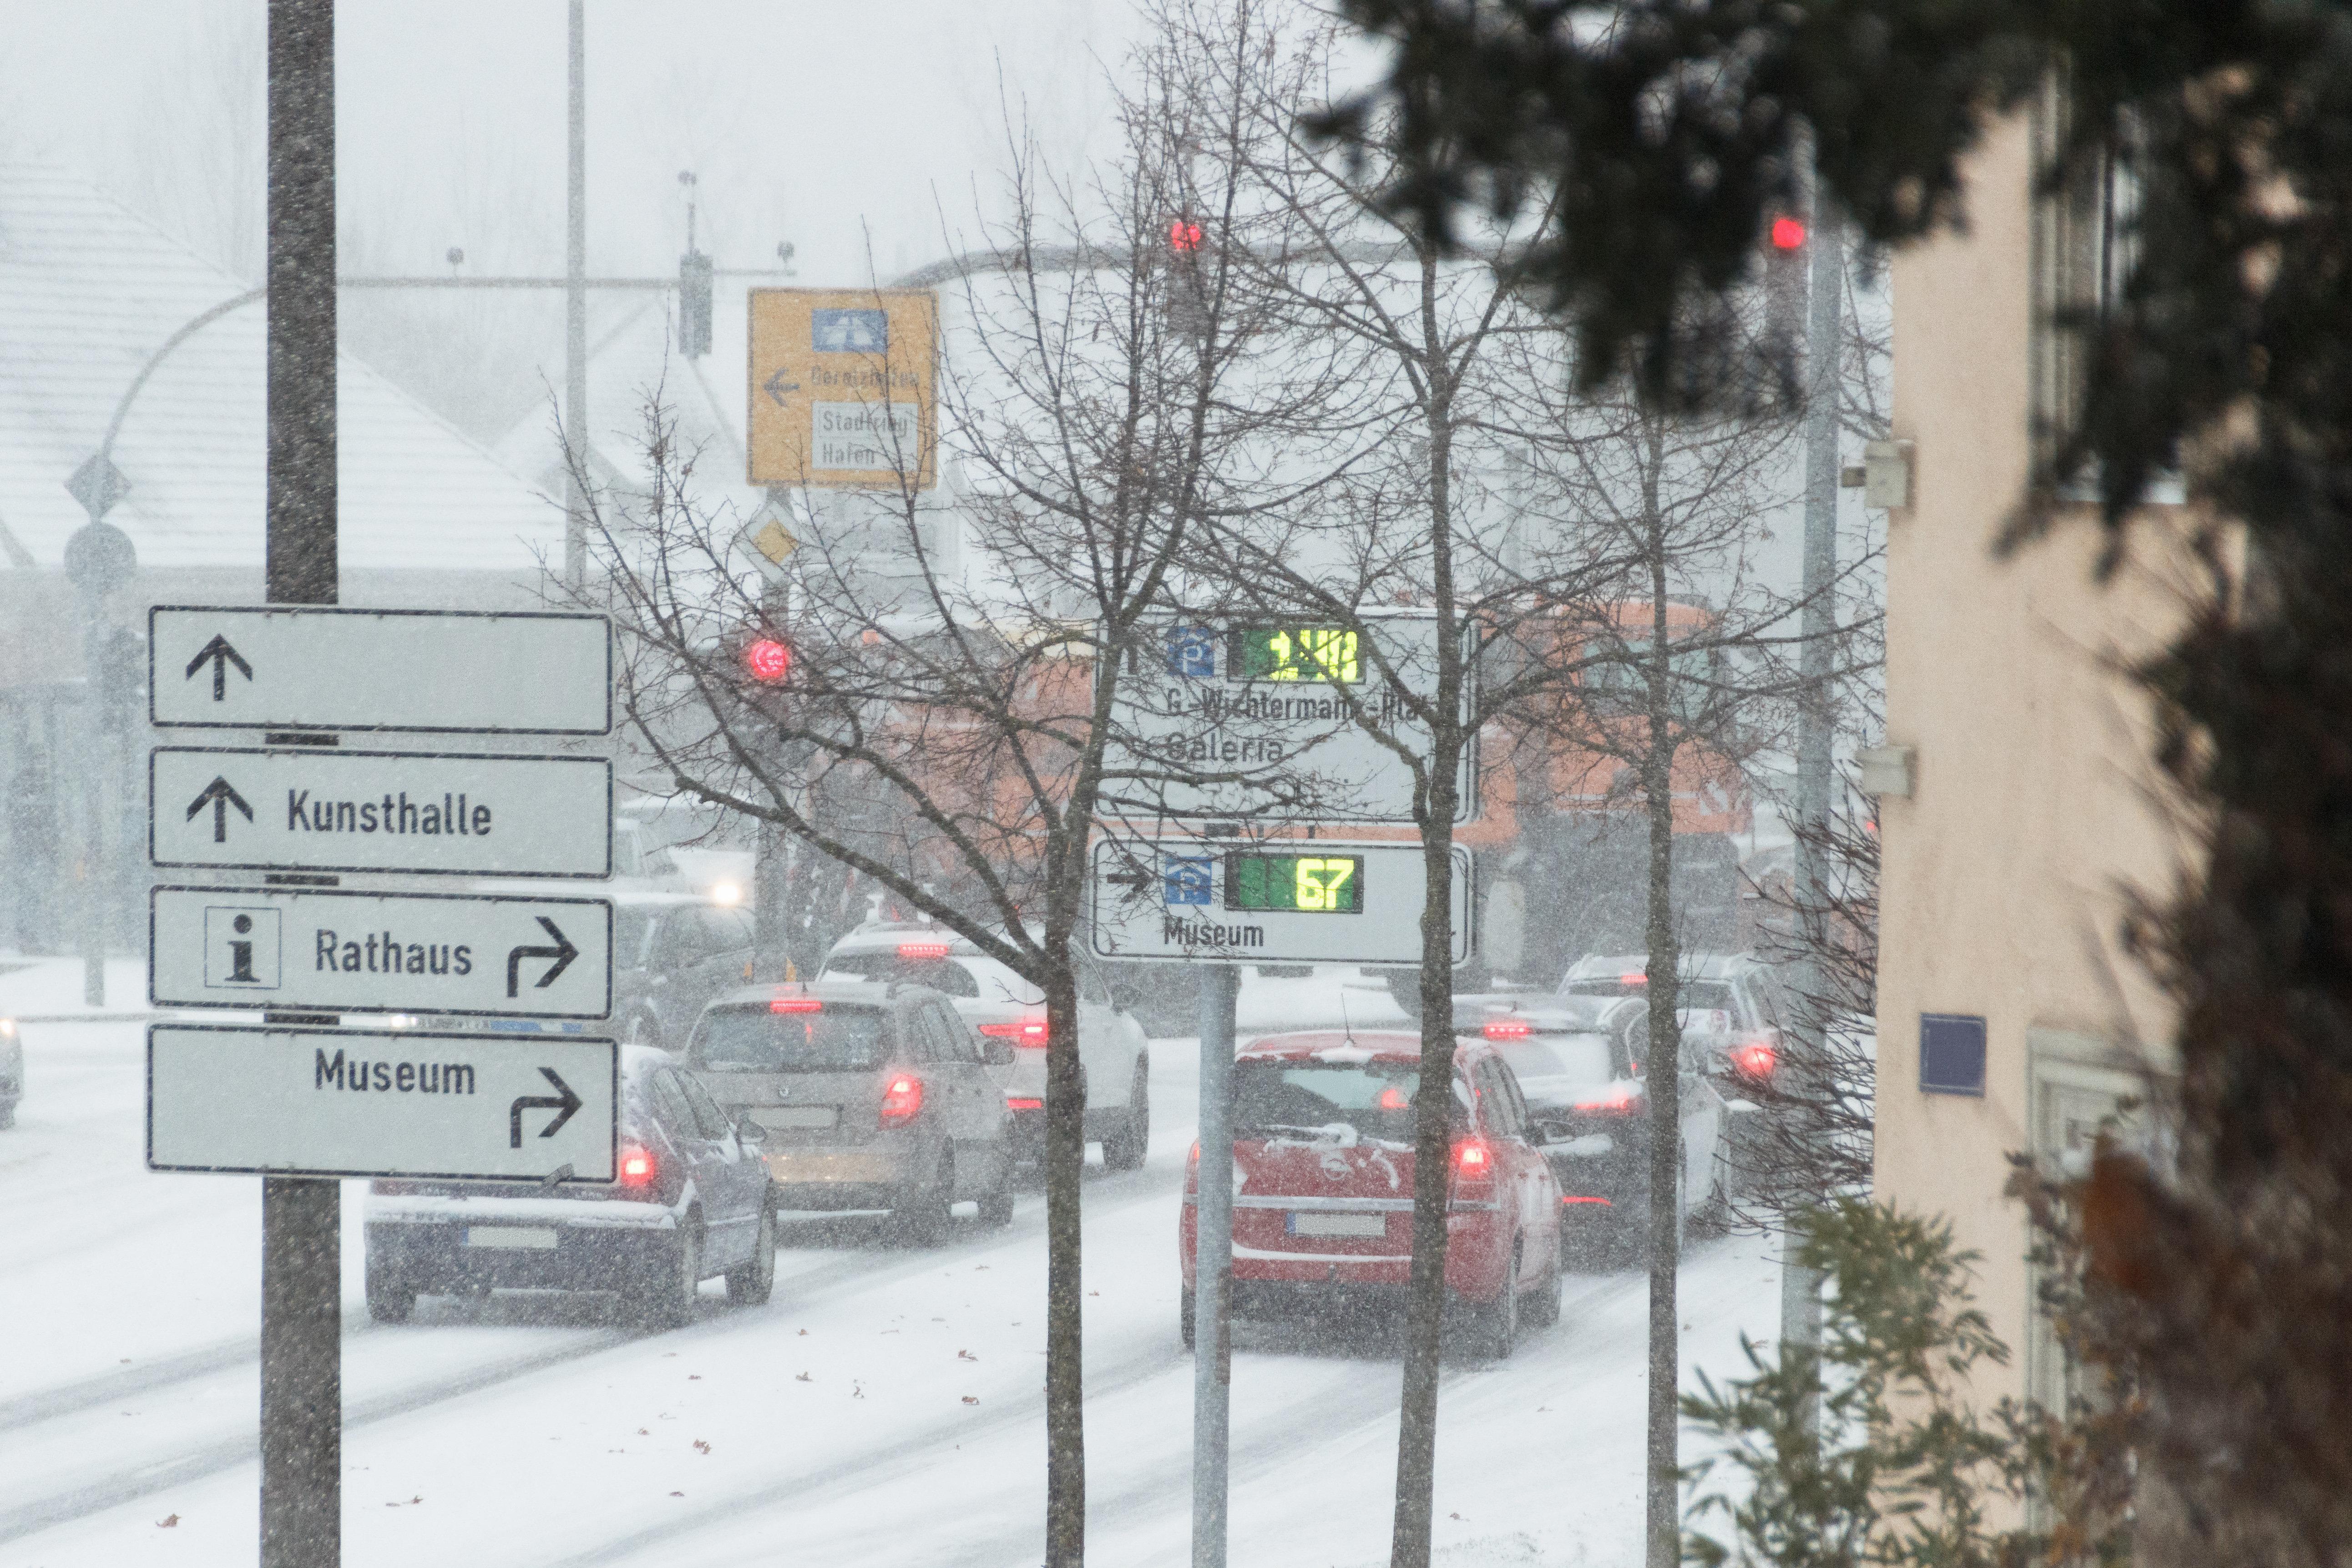 Winter-Wetter: Blizzard im Ansturm – Schnee und Wind sorgen für